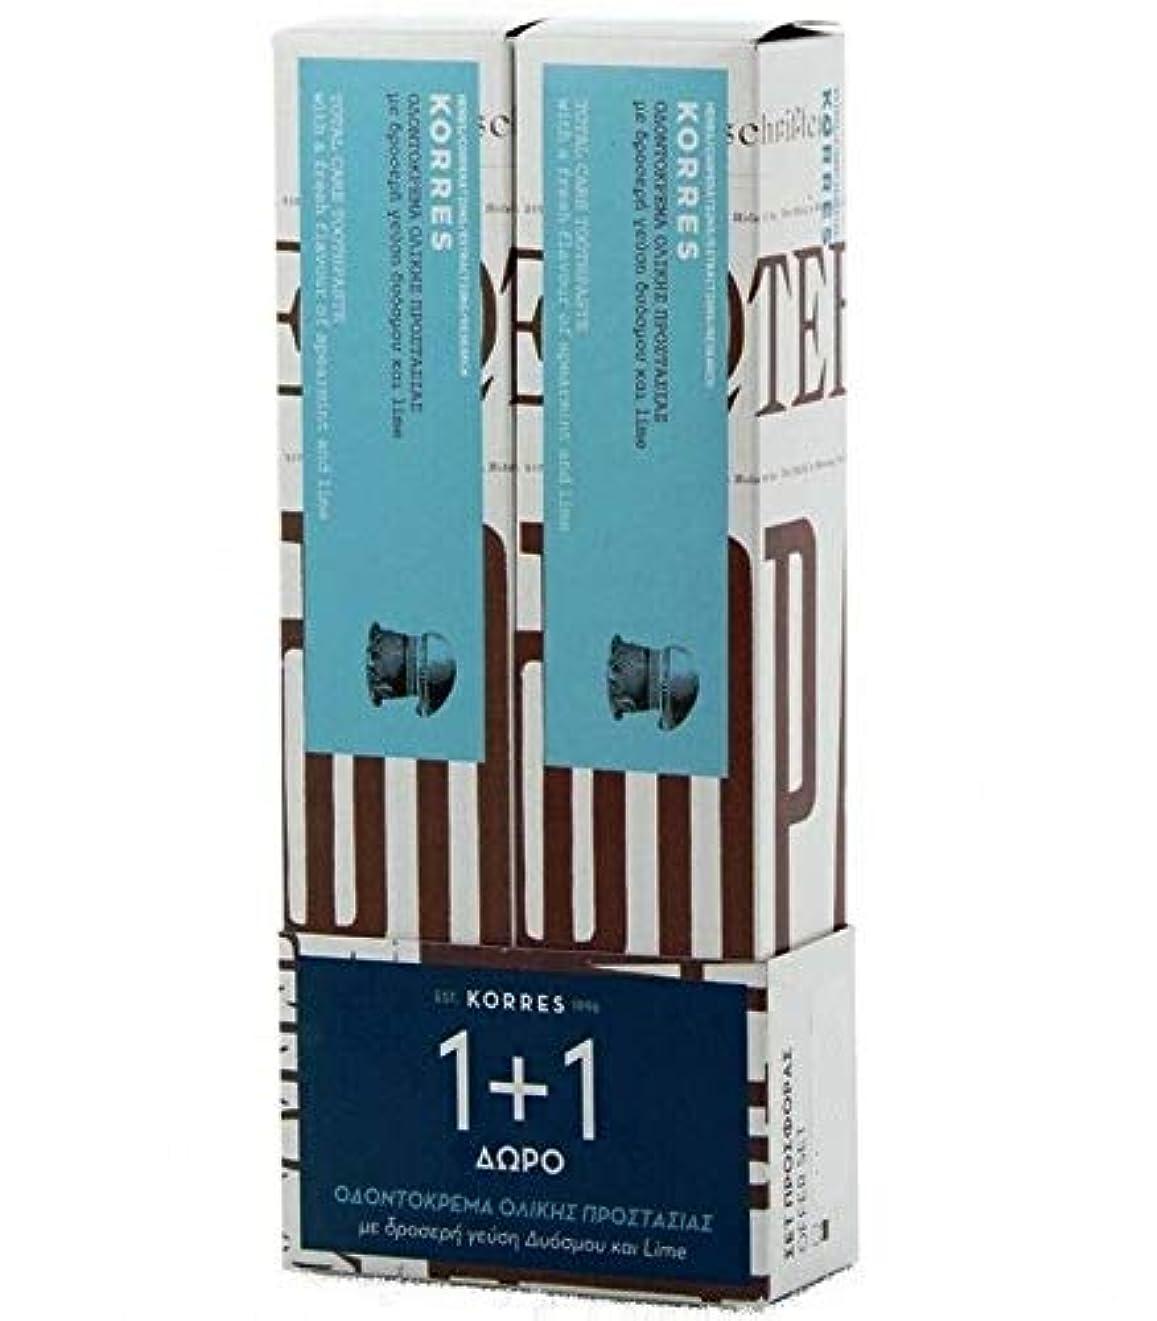 非難拍手する寄り添うKorres トータルケア歯磨き粉 フレッシュフレーバーオブスペアミント&ライム 1+1 提供